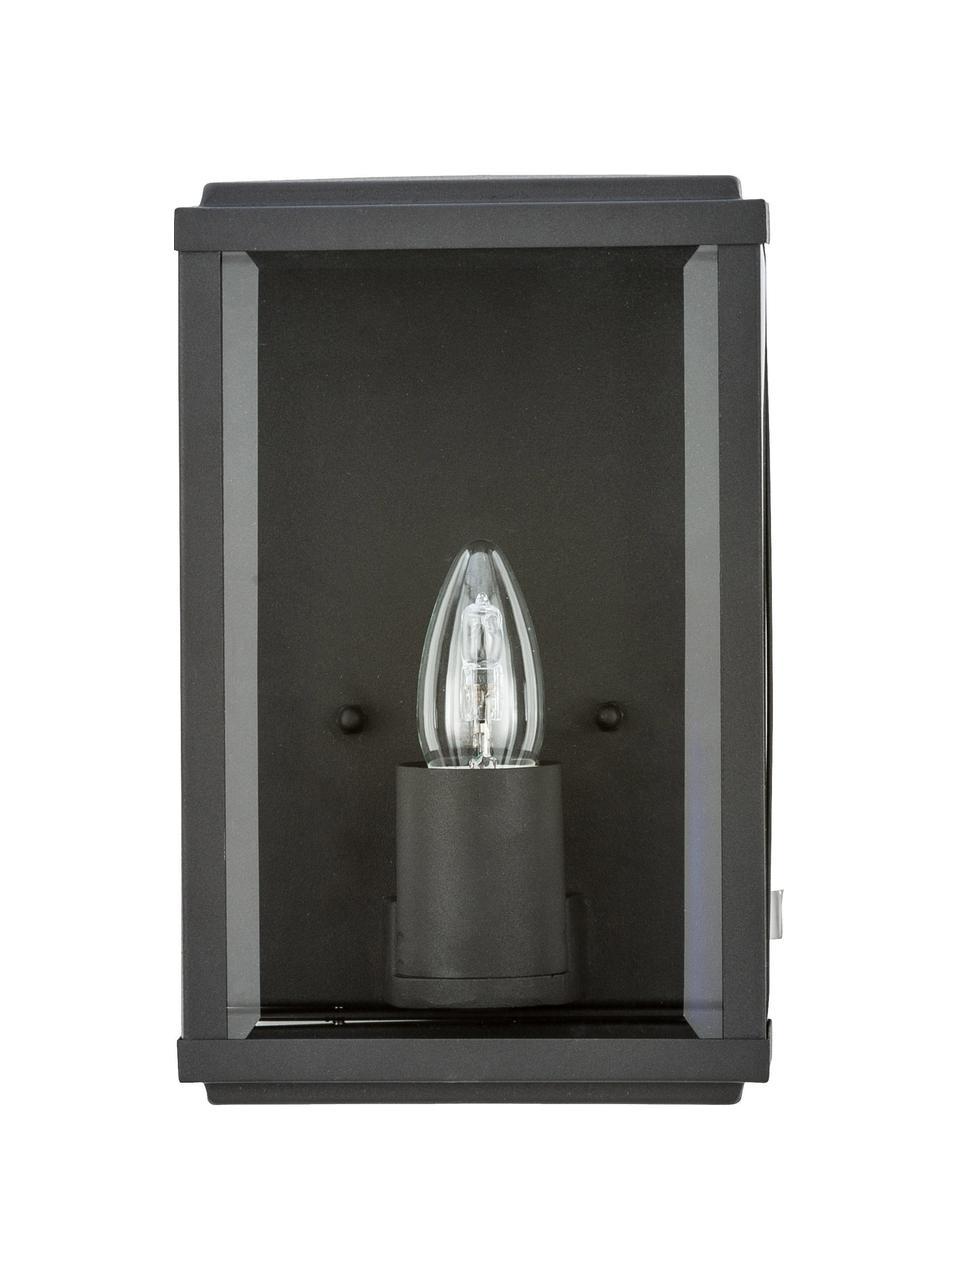 Kinkiet zewnętrzny ze szklanym kloszem Wally, Czarny, transparentny, S 16 x W 25 cm